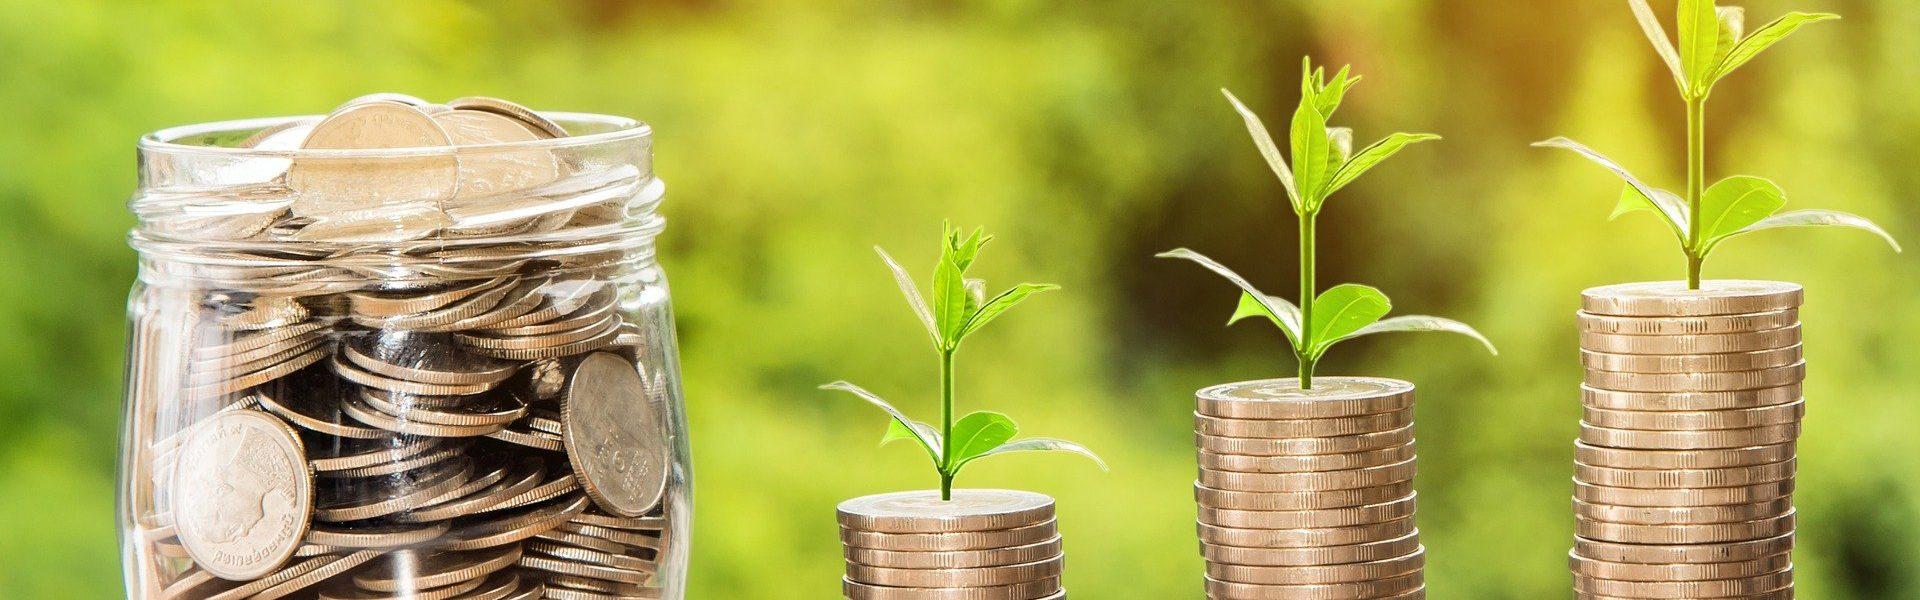 dinero y plantas